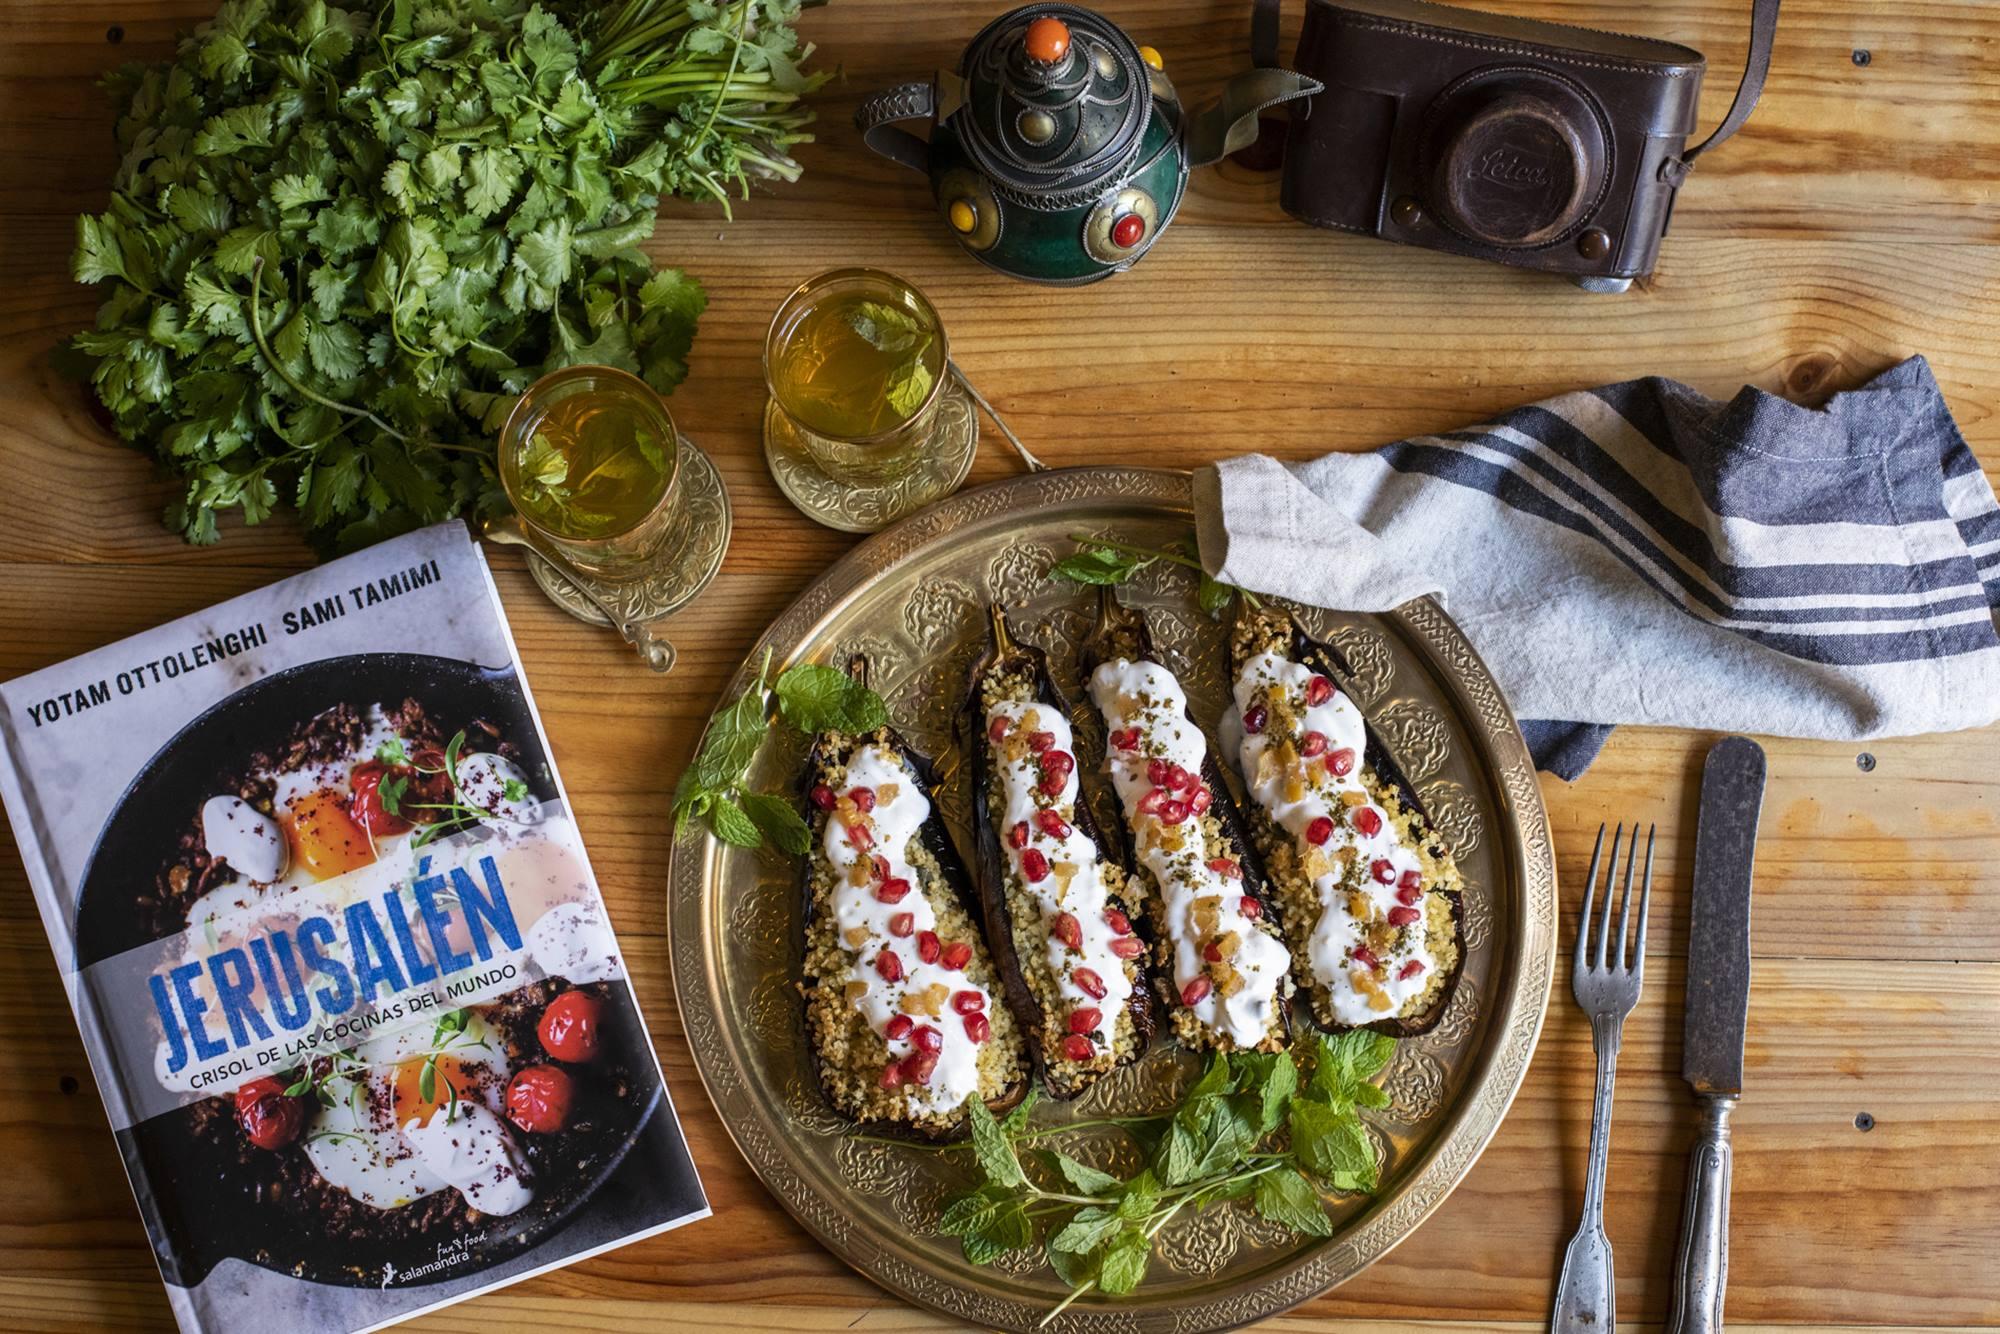 En 'Jerusalén. Crisol de las cocinas del mundo', de Yotam Ottolenghi aparecen platos como este.